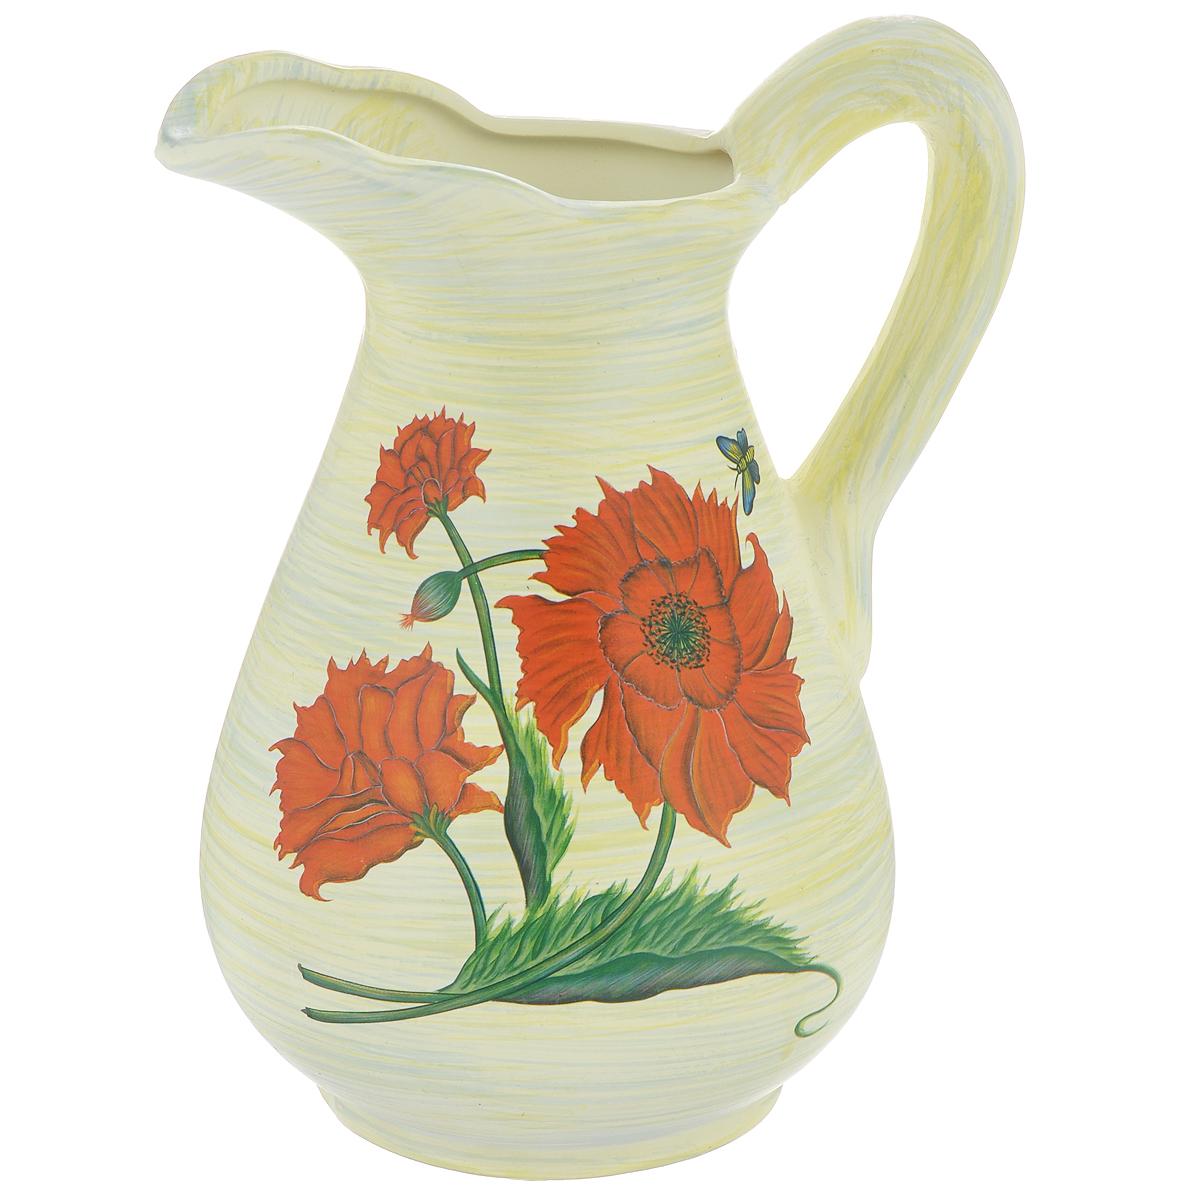 Ваза Lillo Красные цветы, высота 25 смLIL 3187Элегантная ваза Lillo Красные цветы выполнена из высококачественной керамики в виде кувшина и декорирована рисунком. Она придется по вкусу и ценителям классики, и тем, кто предпочитает утонченность и изящность. Вы можете поставить вазу в любом месте, где она будет удачно смотреться и радовать глаз. Такая ваза подойдет и для цветов, и для декора интерьера. Кроме того - это отличный вариант подарка для ваших близких и друзей. Высота вазы: 25 см. Диаметр основания: 11,5 см.